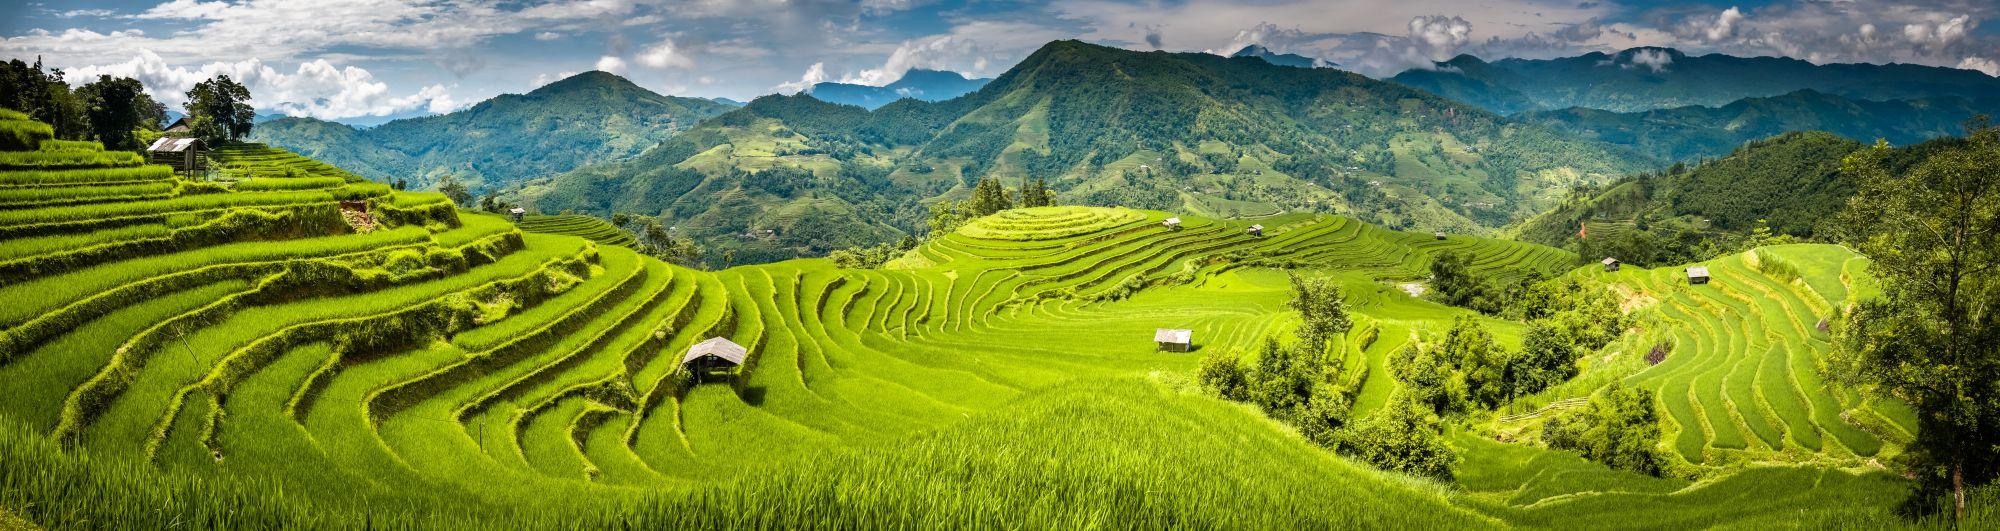 Blog artikel 'Een verblijf in het sprookjesachtige Sapa, Vietnam'